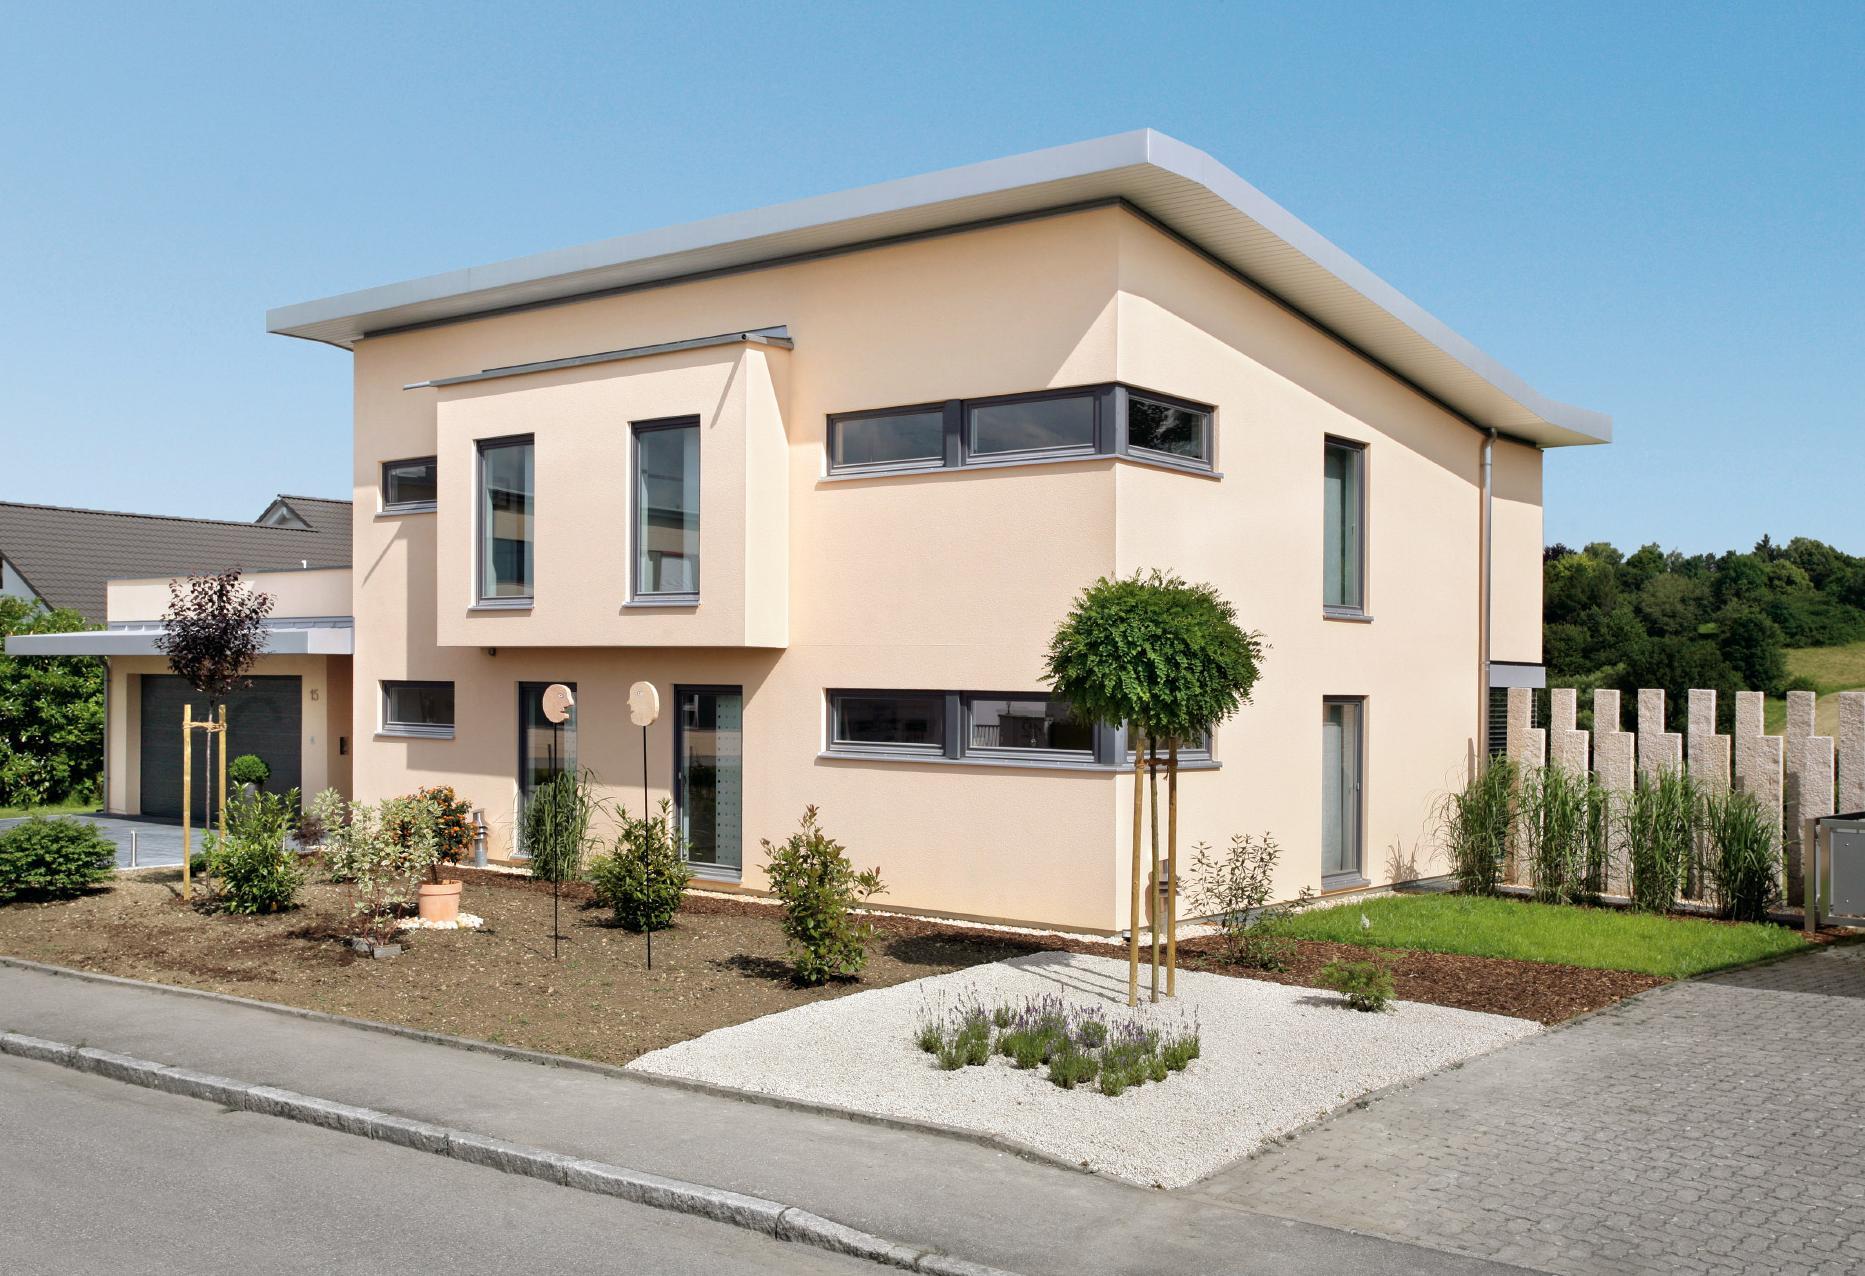 Casa unifamiliare con tetto a z schw rerhaus for Aprire i piani casa artigiano concetto